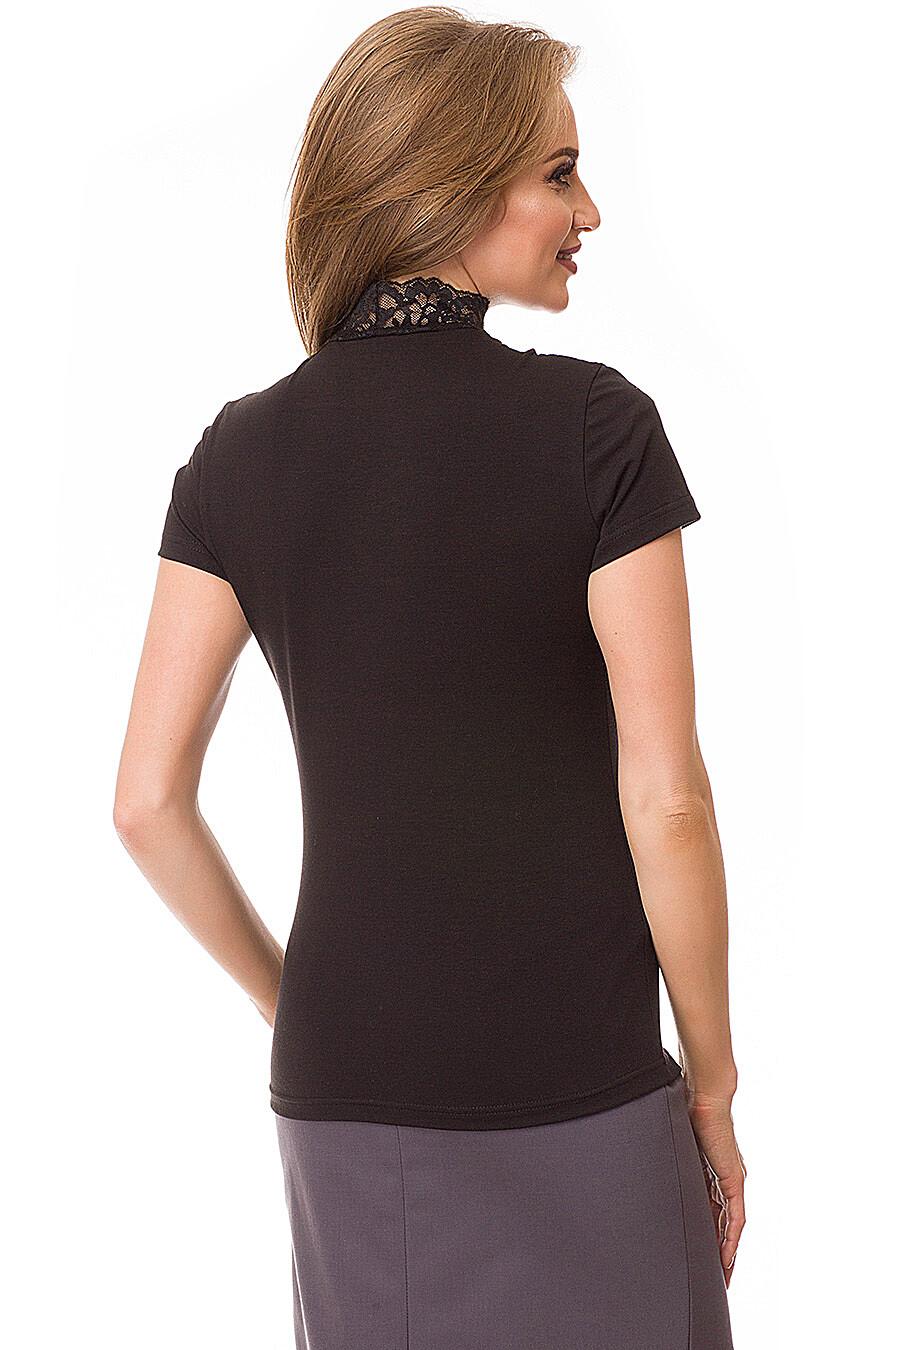 Блузка FOUR STYLES (119757), купить в Moyo.moda